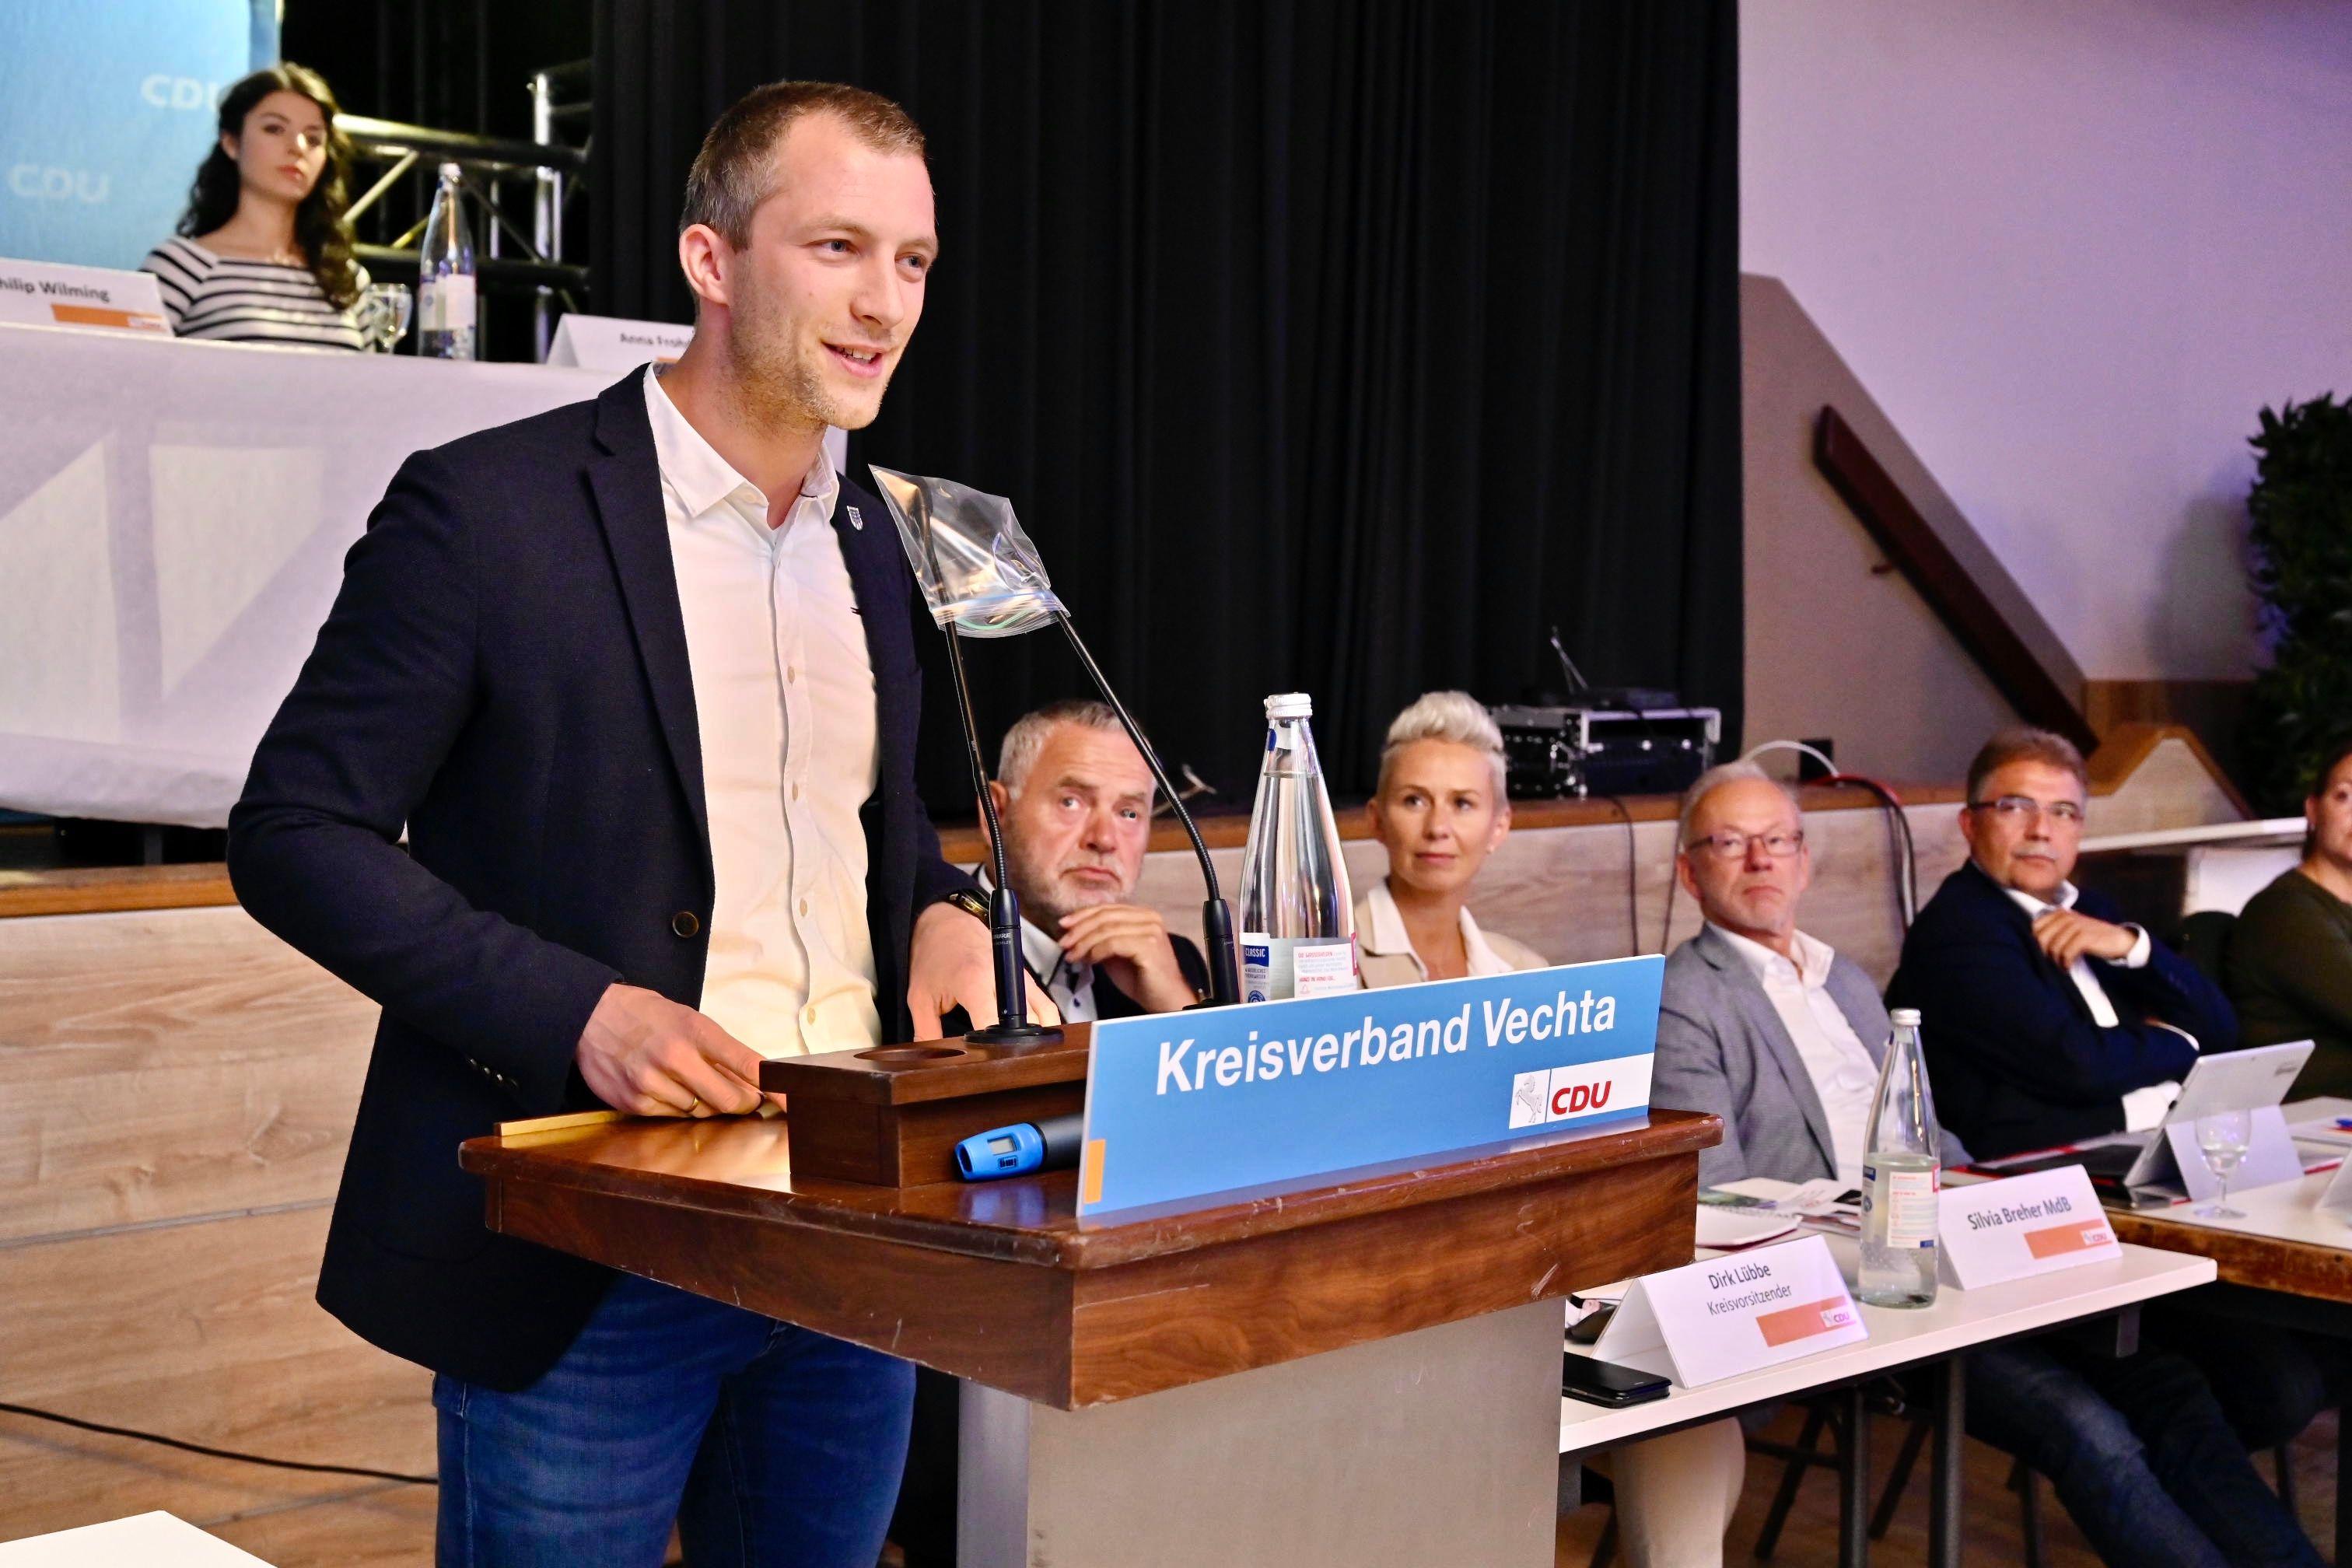 André Hüttemeyer aus Erlte (Gemeinde Visbek) ist mit 91,5 Prozent der Stimmen zum neuen CDU-Chef gewählt worden. Foto: M. Niehues